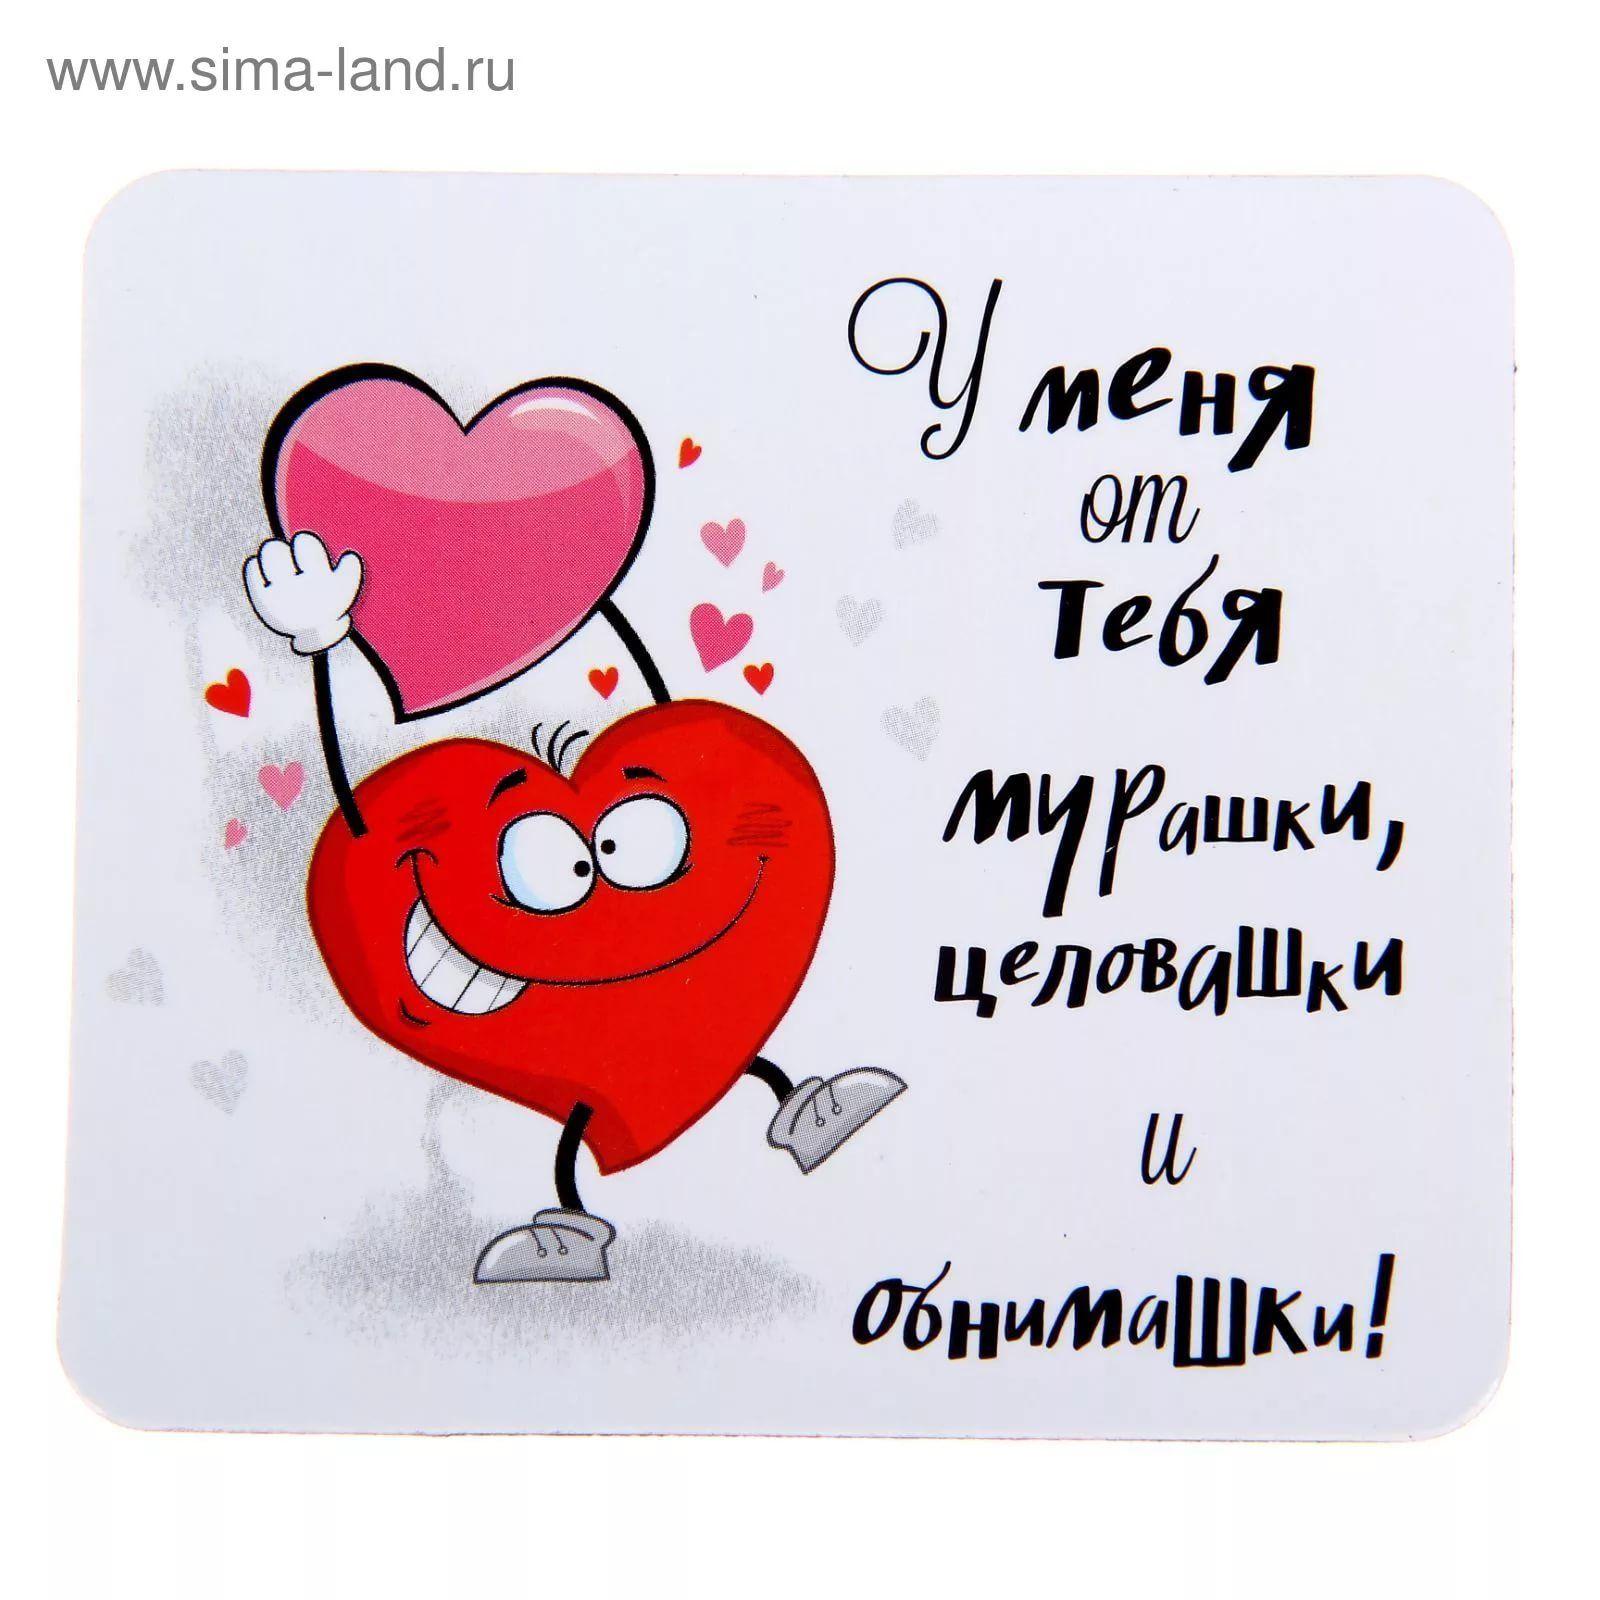 Картинки с любовными и прикольными надписями